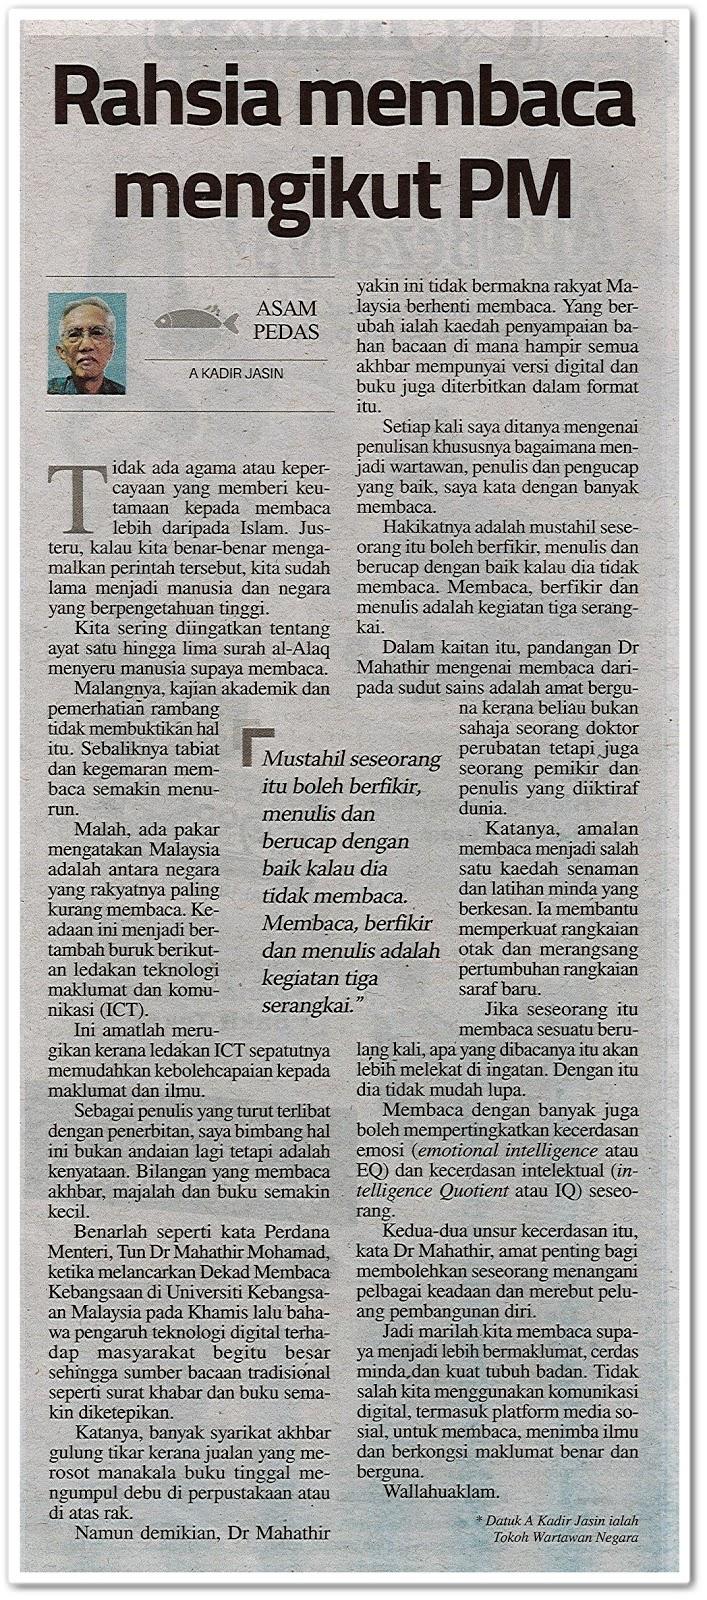 Rahsia membaca mengikut PM - Keratan akhbar Sinar Harian 16 Februari 2020